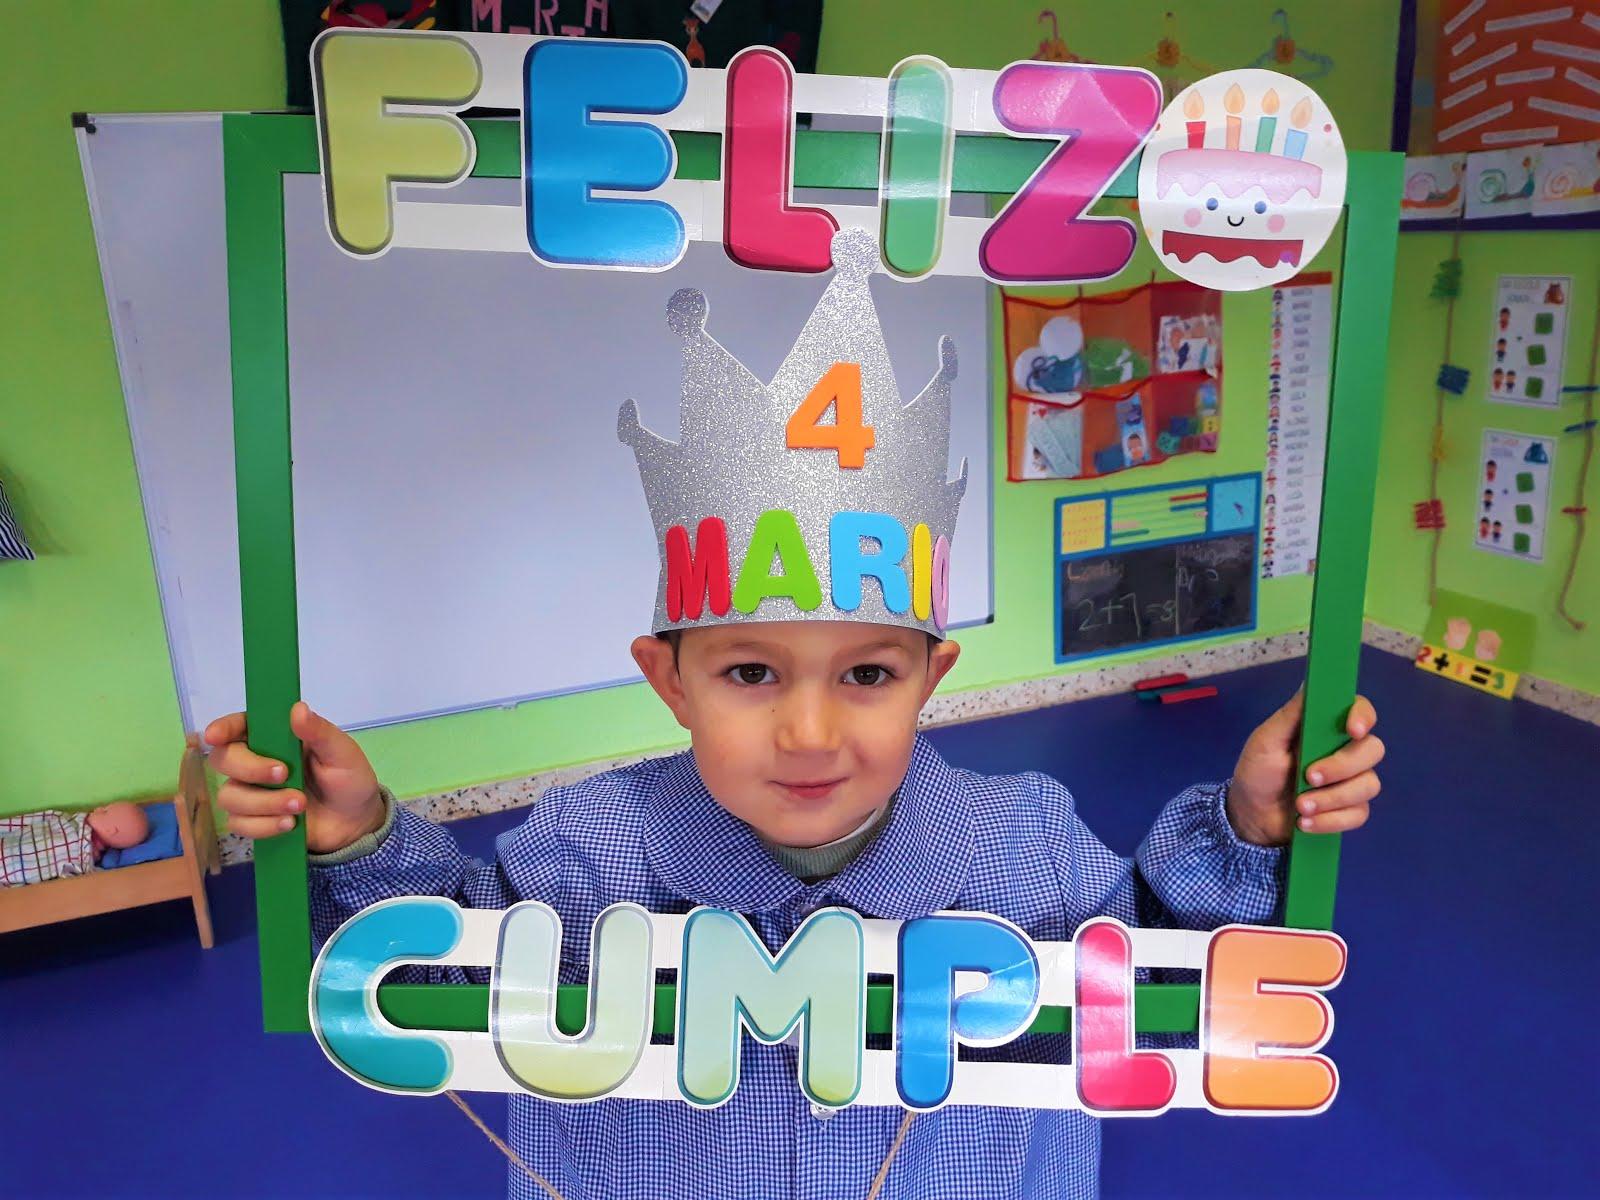 En outubro celebramos o aniversario de Mario!